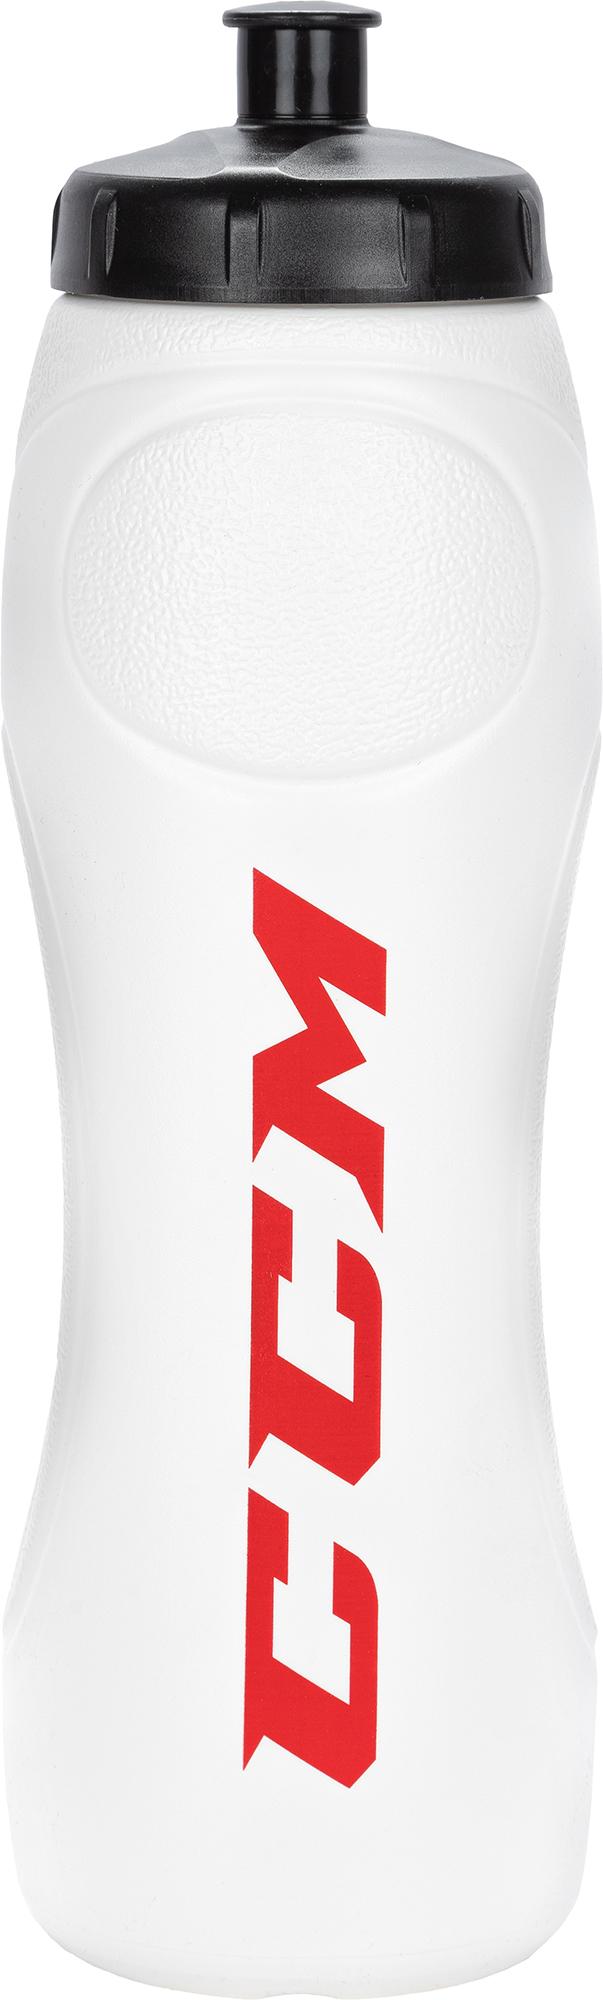 CCM Бутылка для воды CCM, 1 л